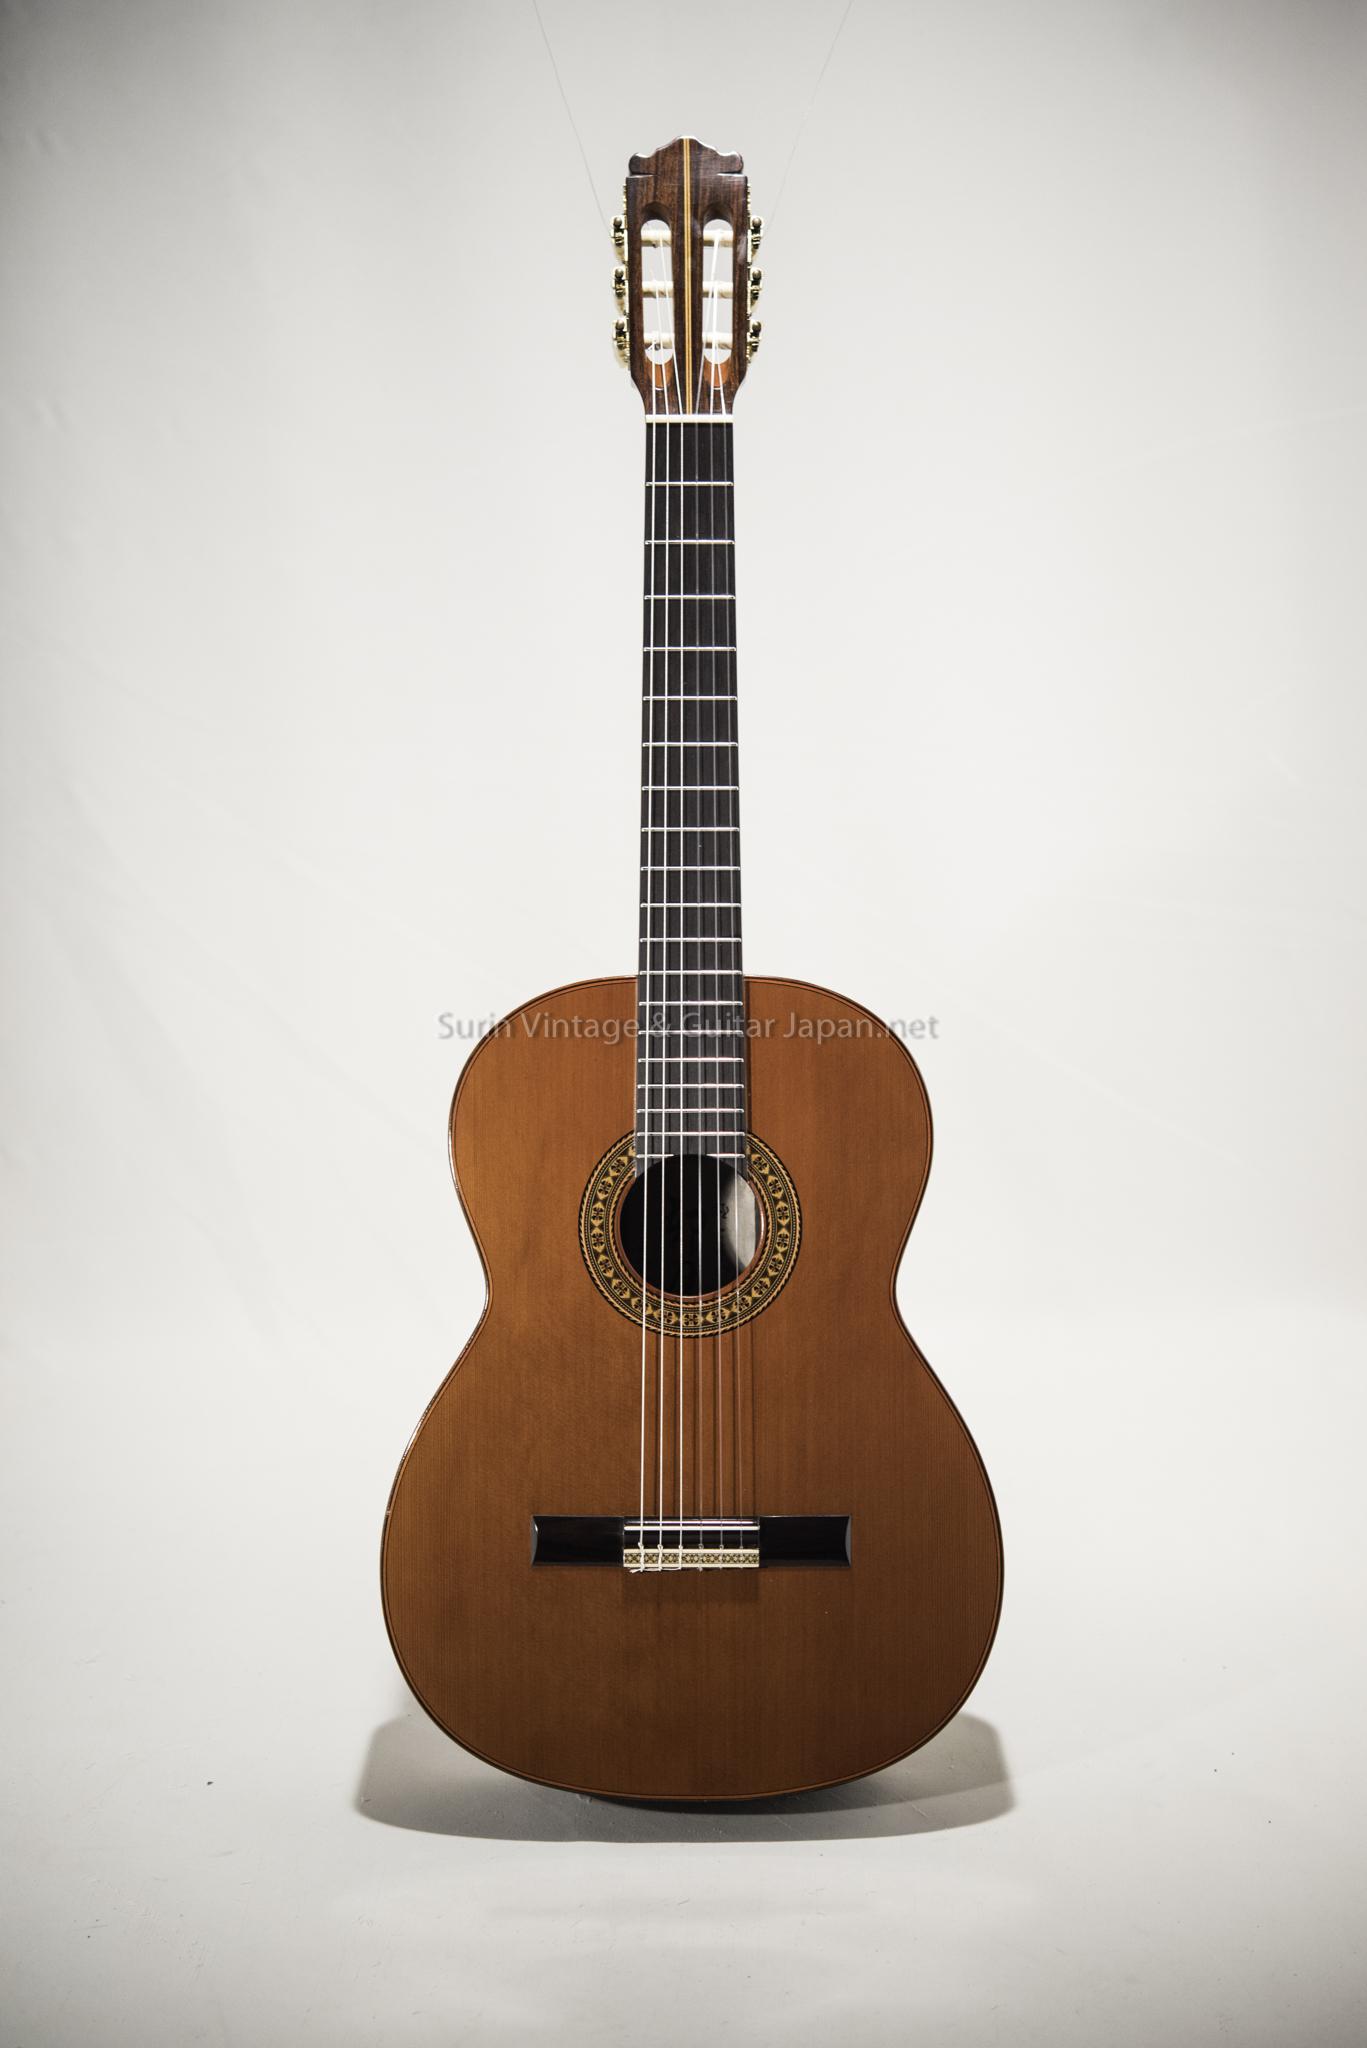 กีต้าร์คลาสสิคมือสอง Classic Guitar VintageJapan( Top Solid Cedar)